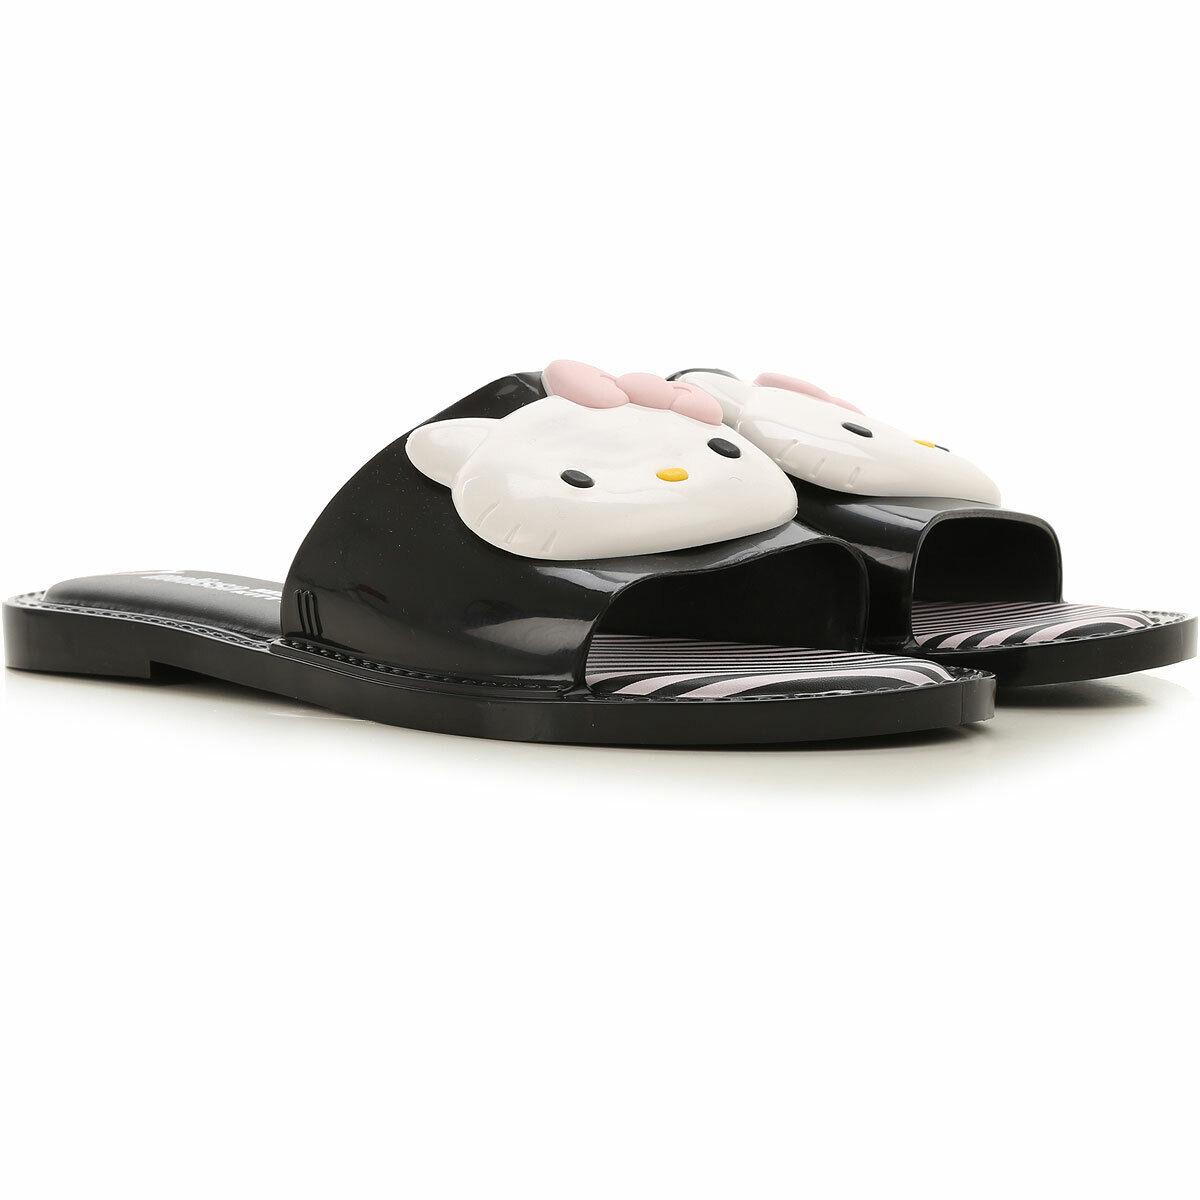 Melissa Ciabatta Hello Kitty, Slipper + Hello Kitty